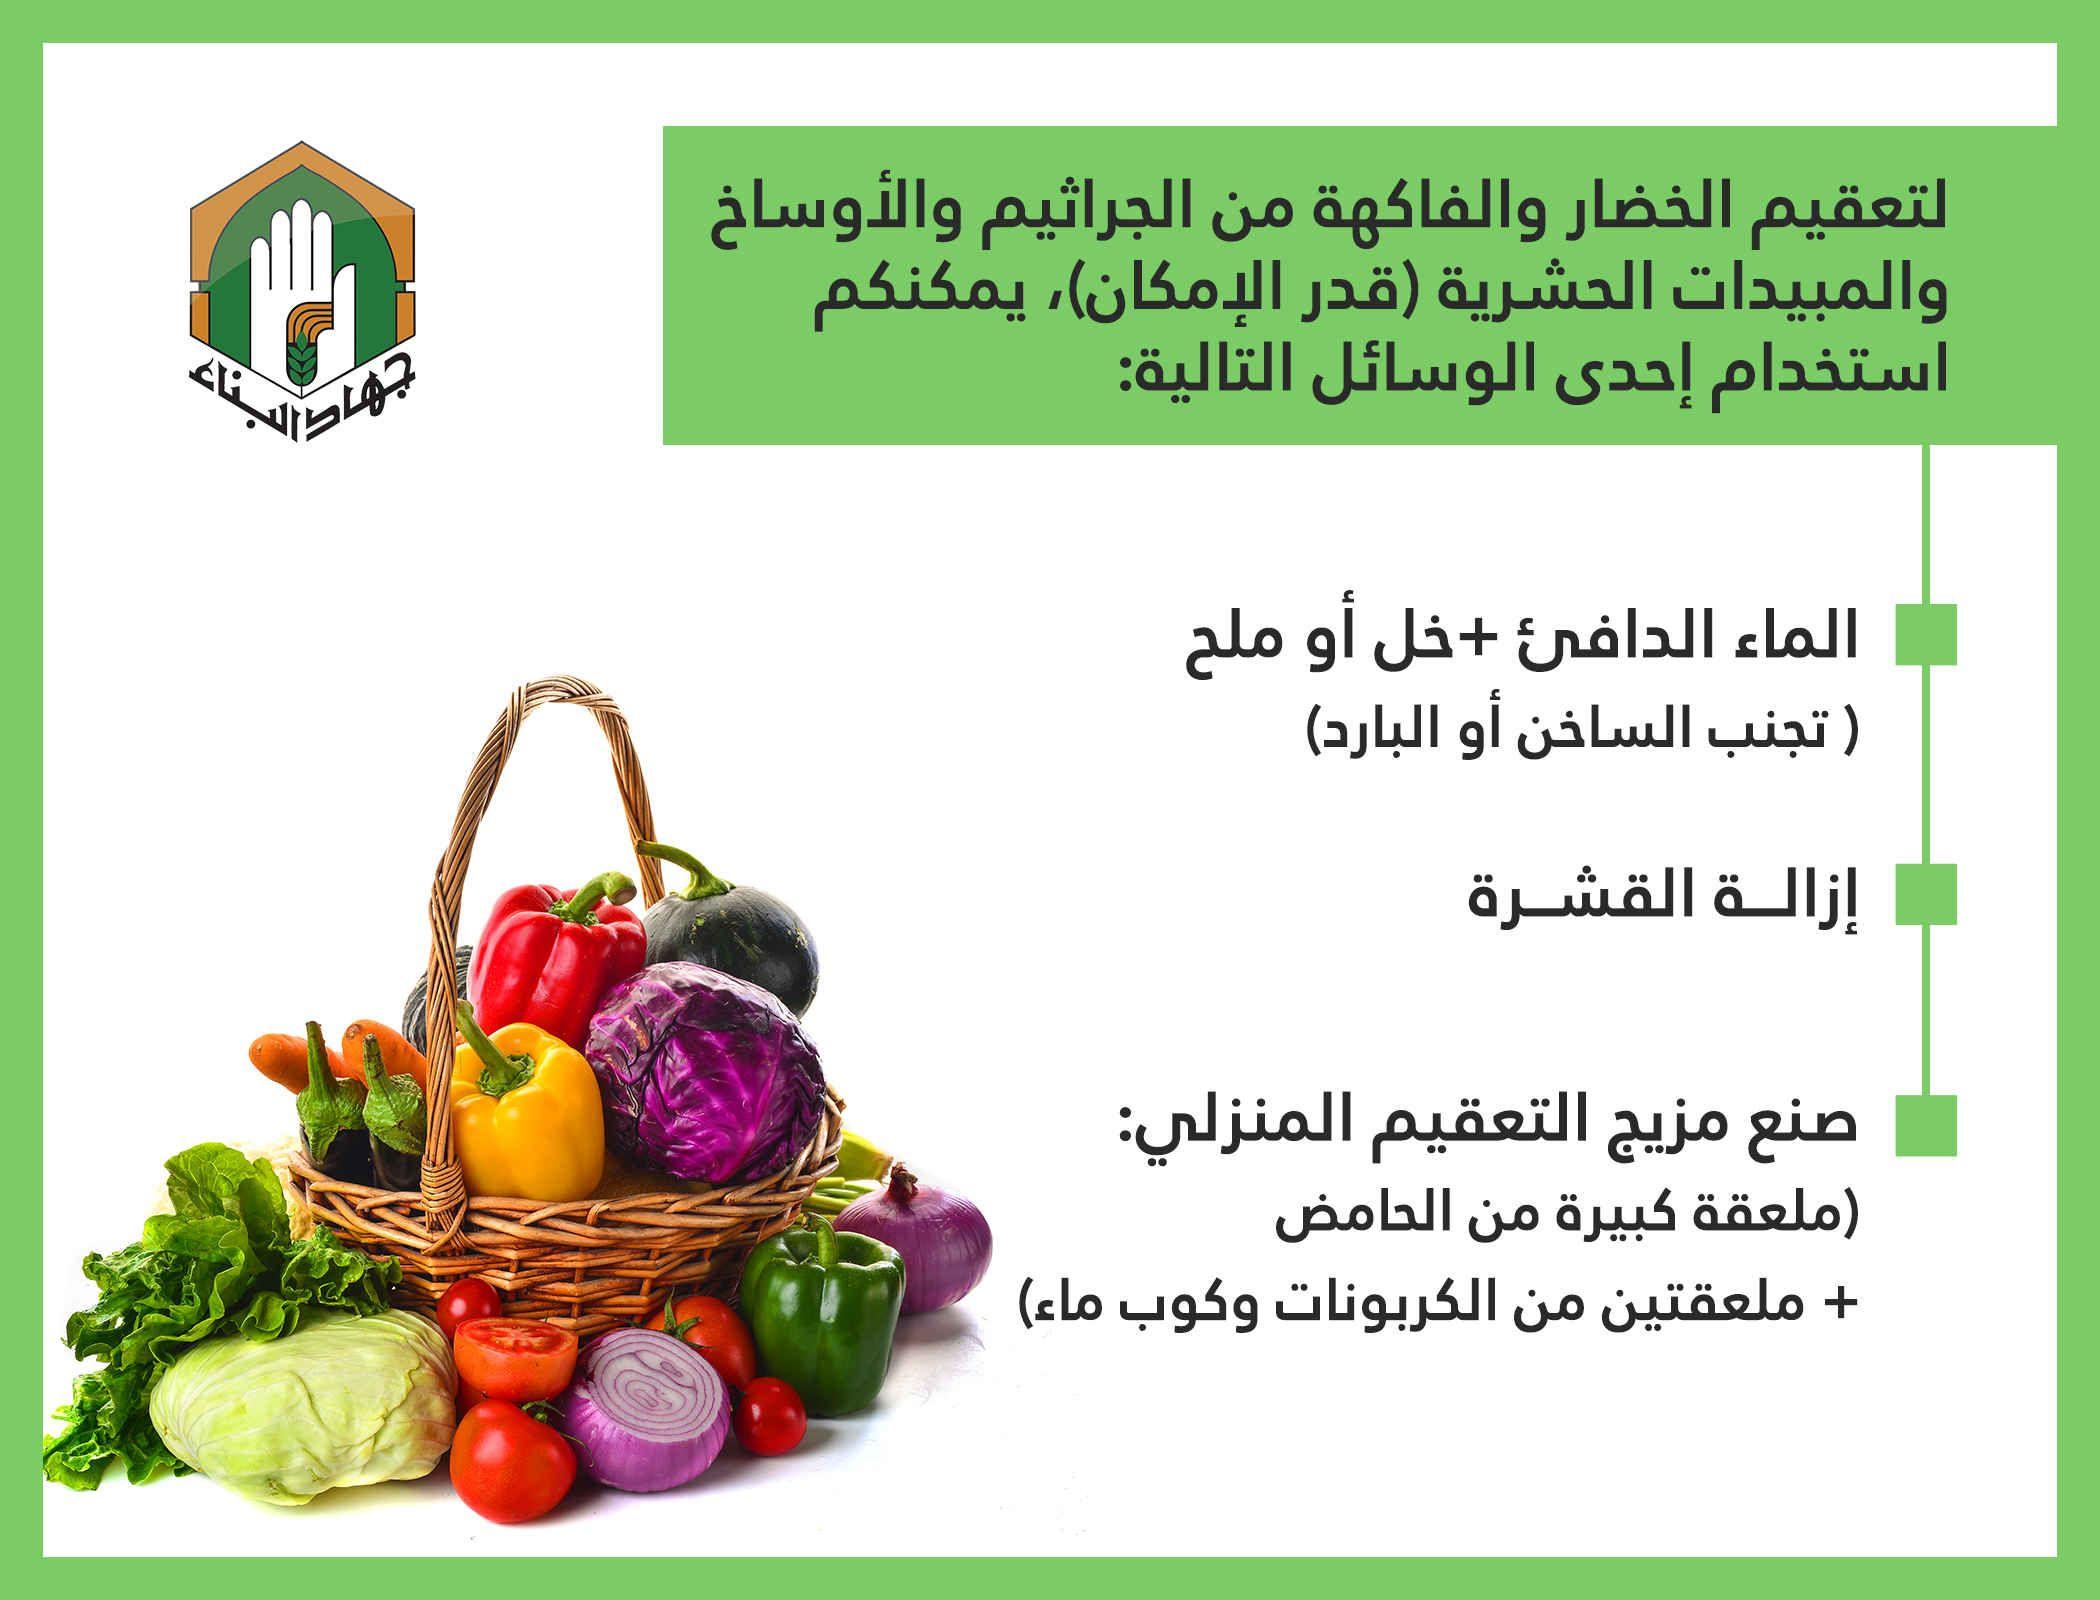 طرق تعقيم الخضار والفواكه Healty Food Food Decorative Wicker Basket